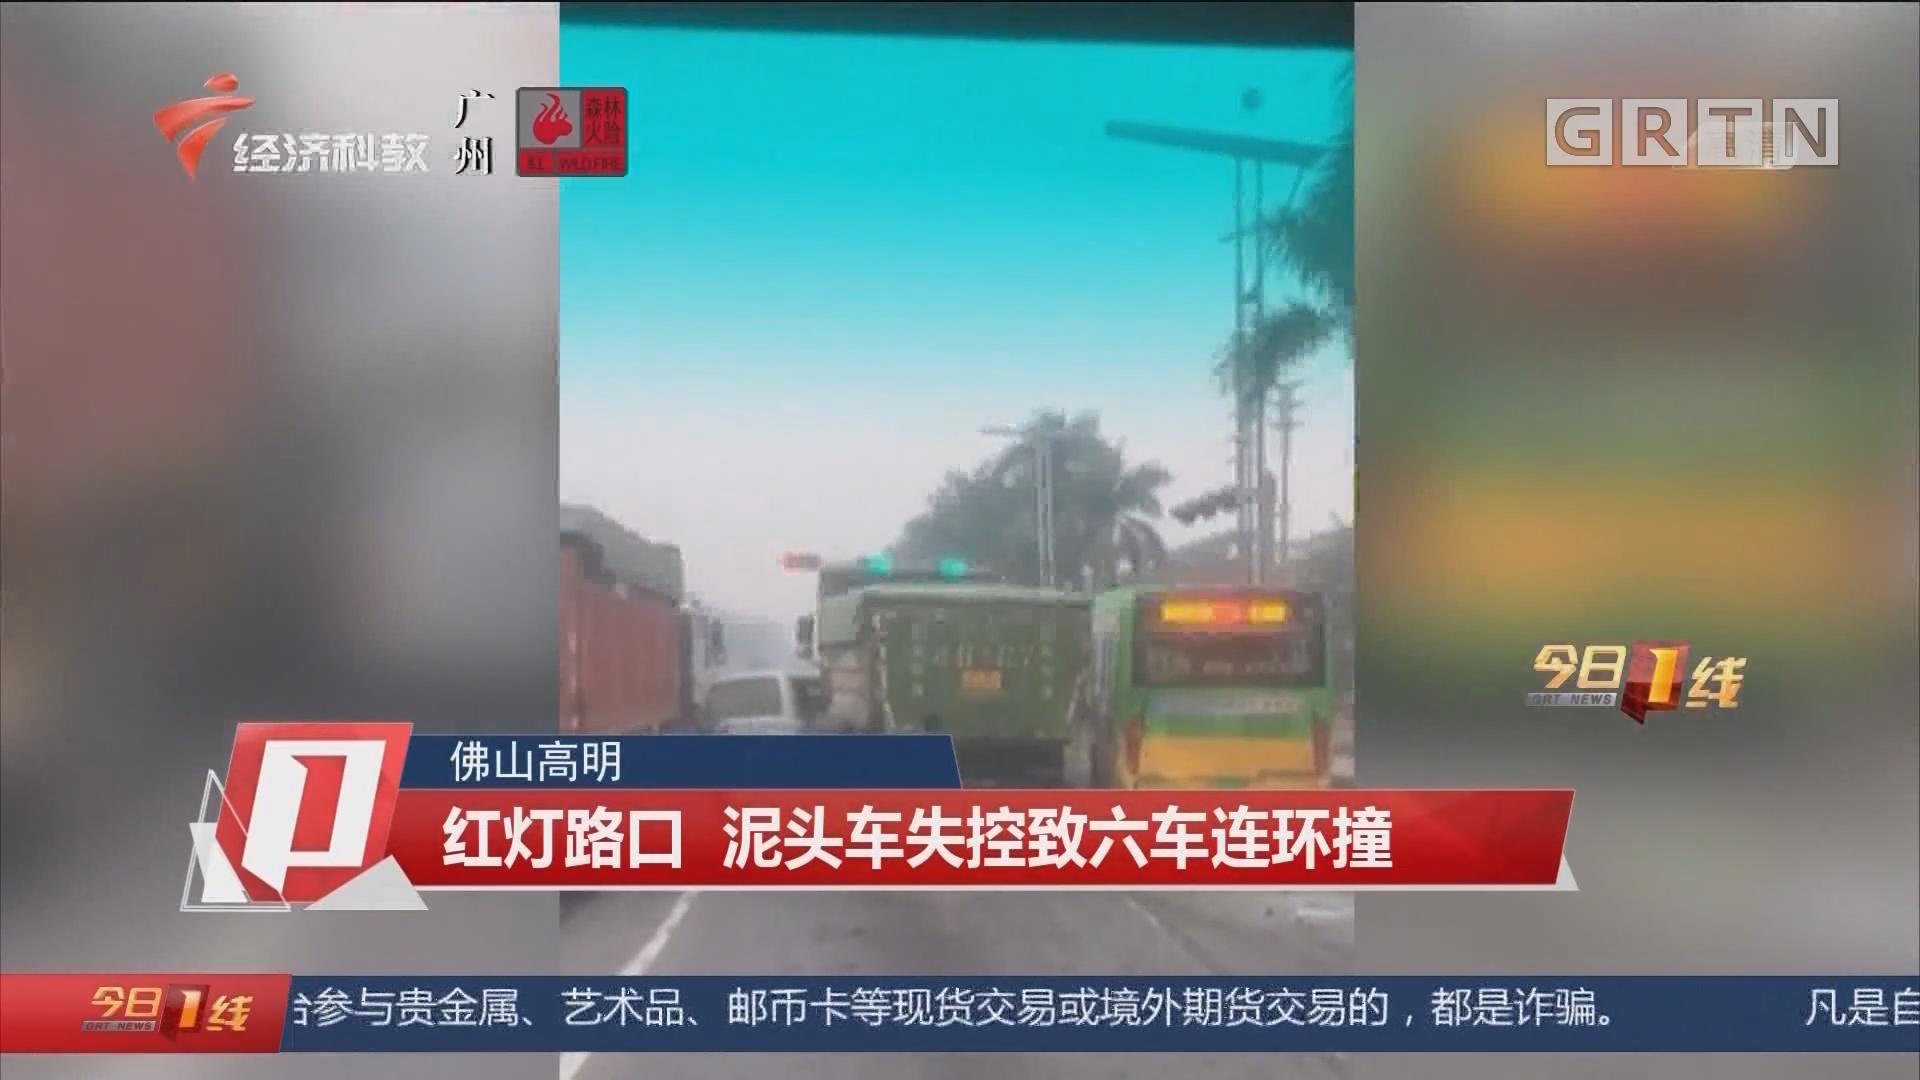 佛山高明:红灯路口 泥头车失控致六车连环撞